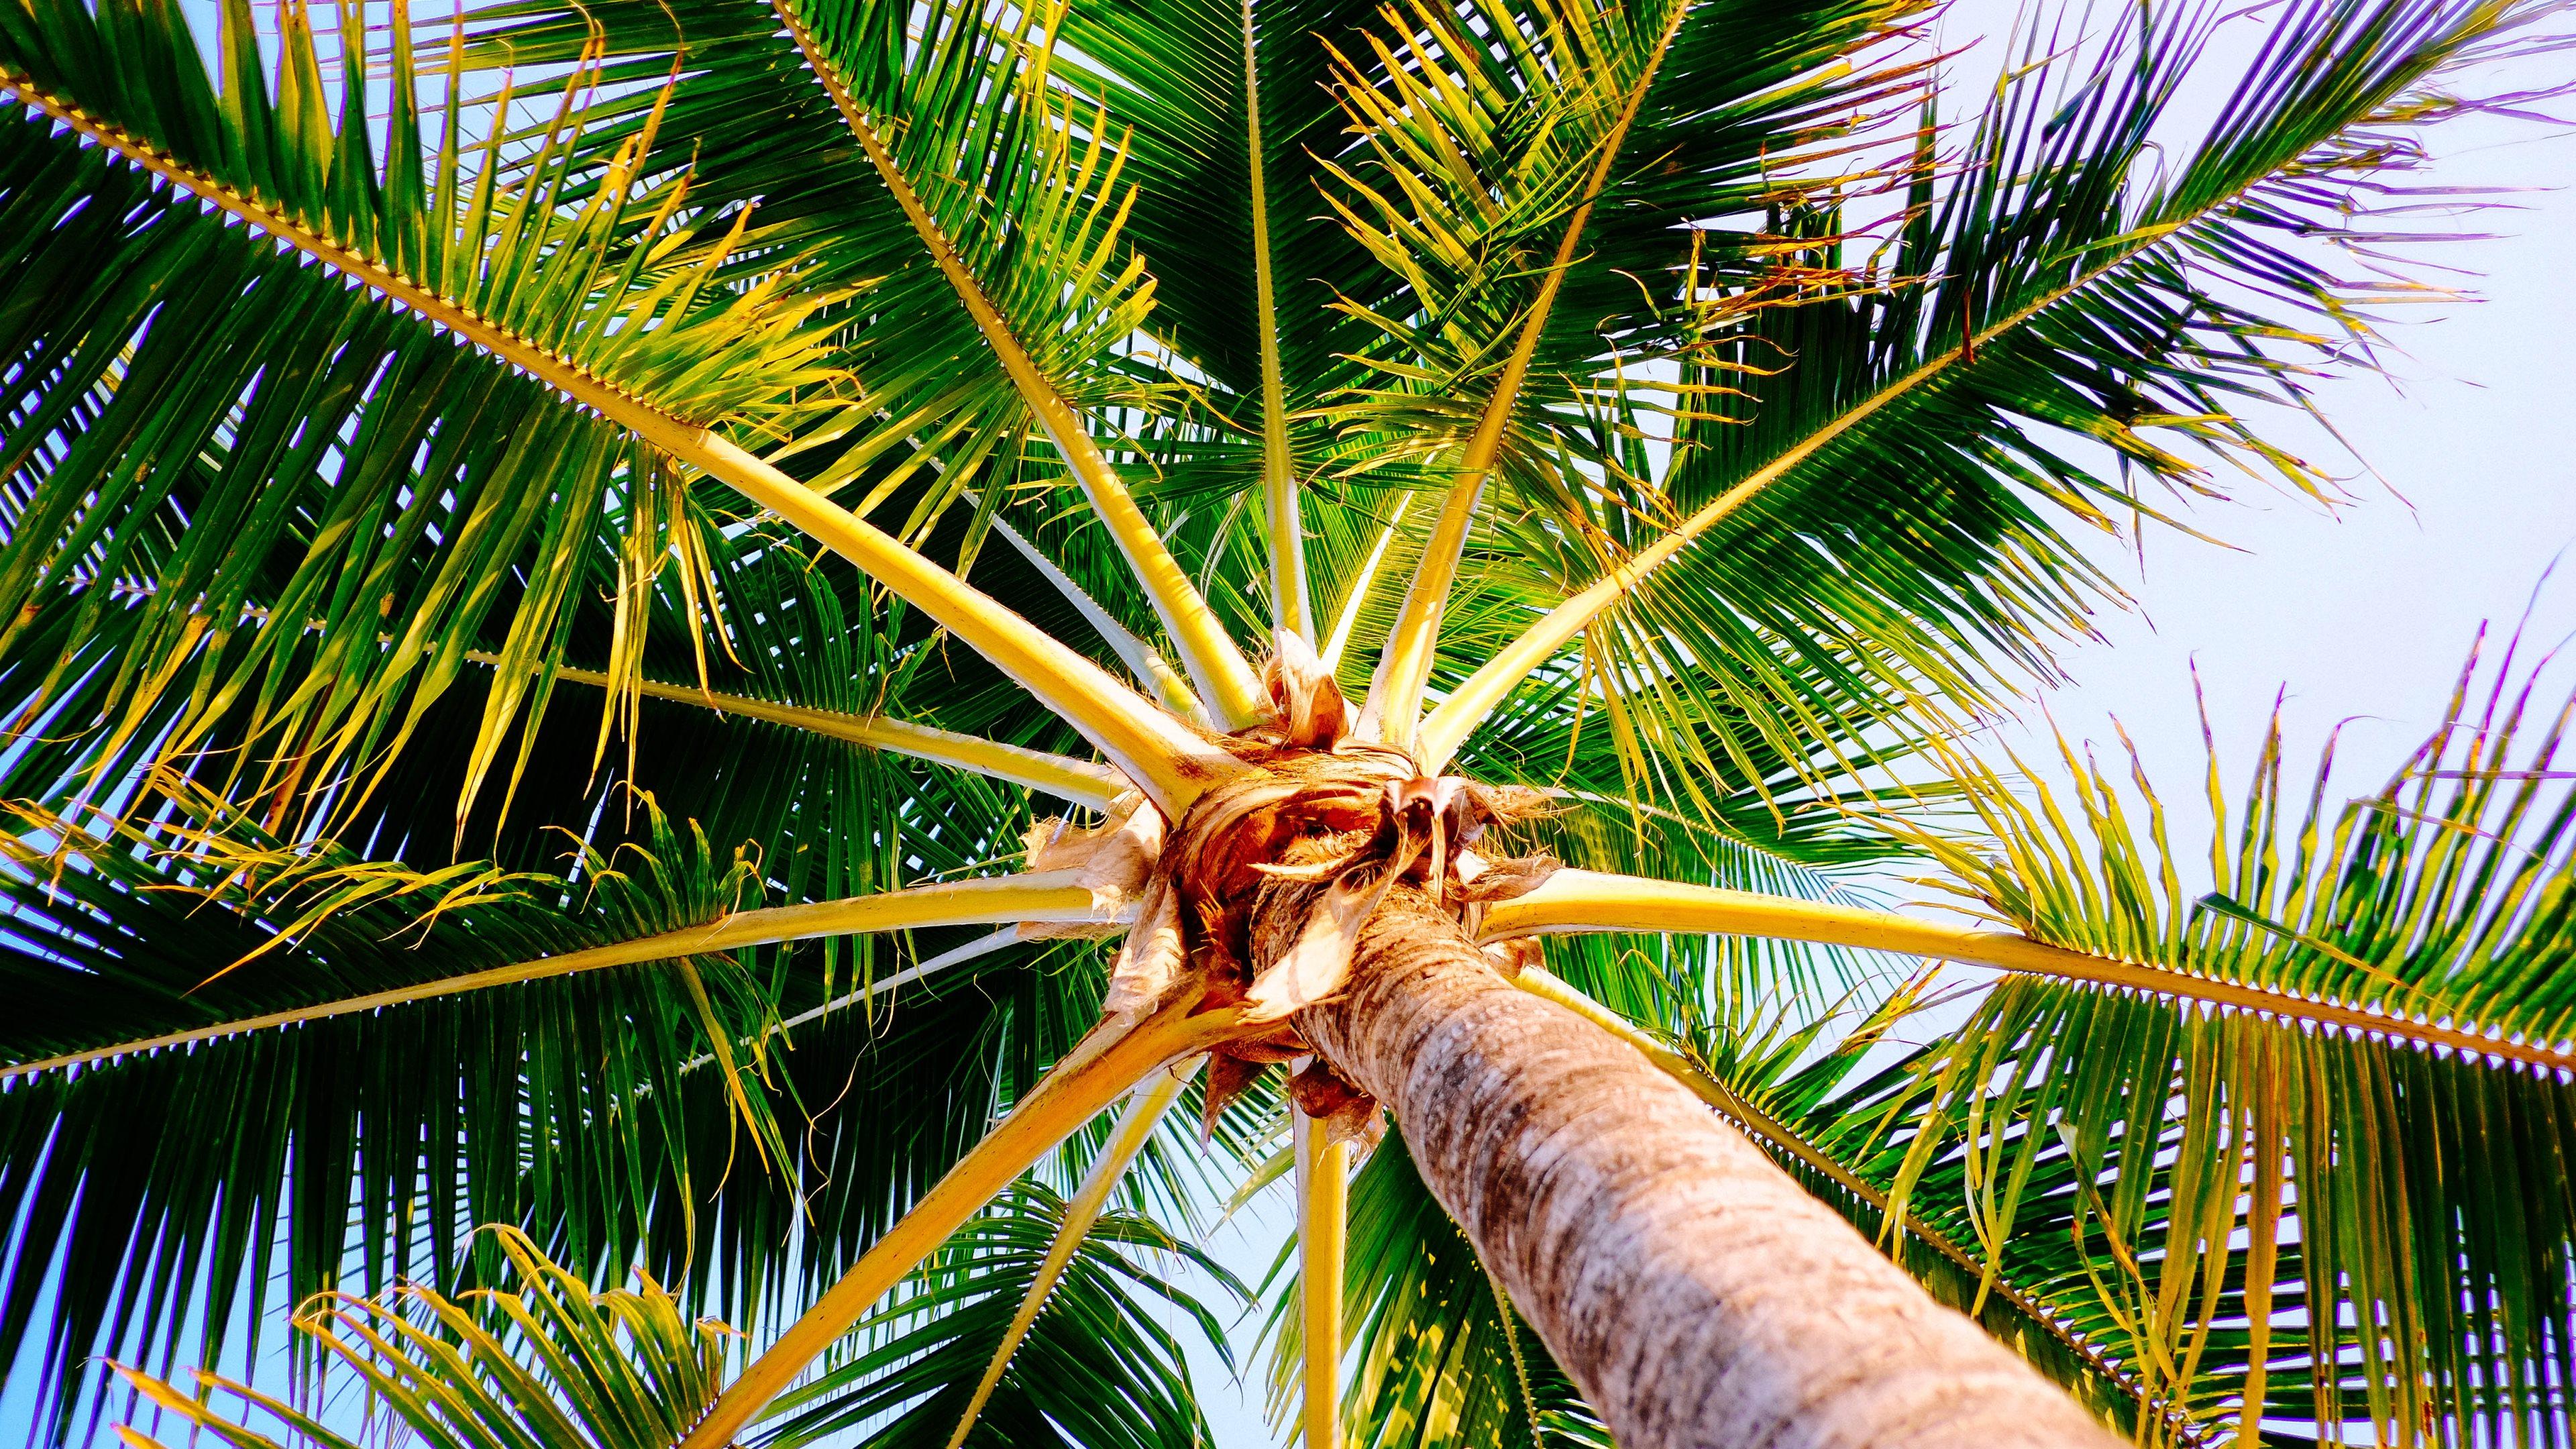 Palm Tree Beach 4k Hd Desktop Wallpaper For 4k Ultra Hd Tv: Palm Tree 4k Ultra HD Wallpaper